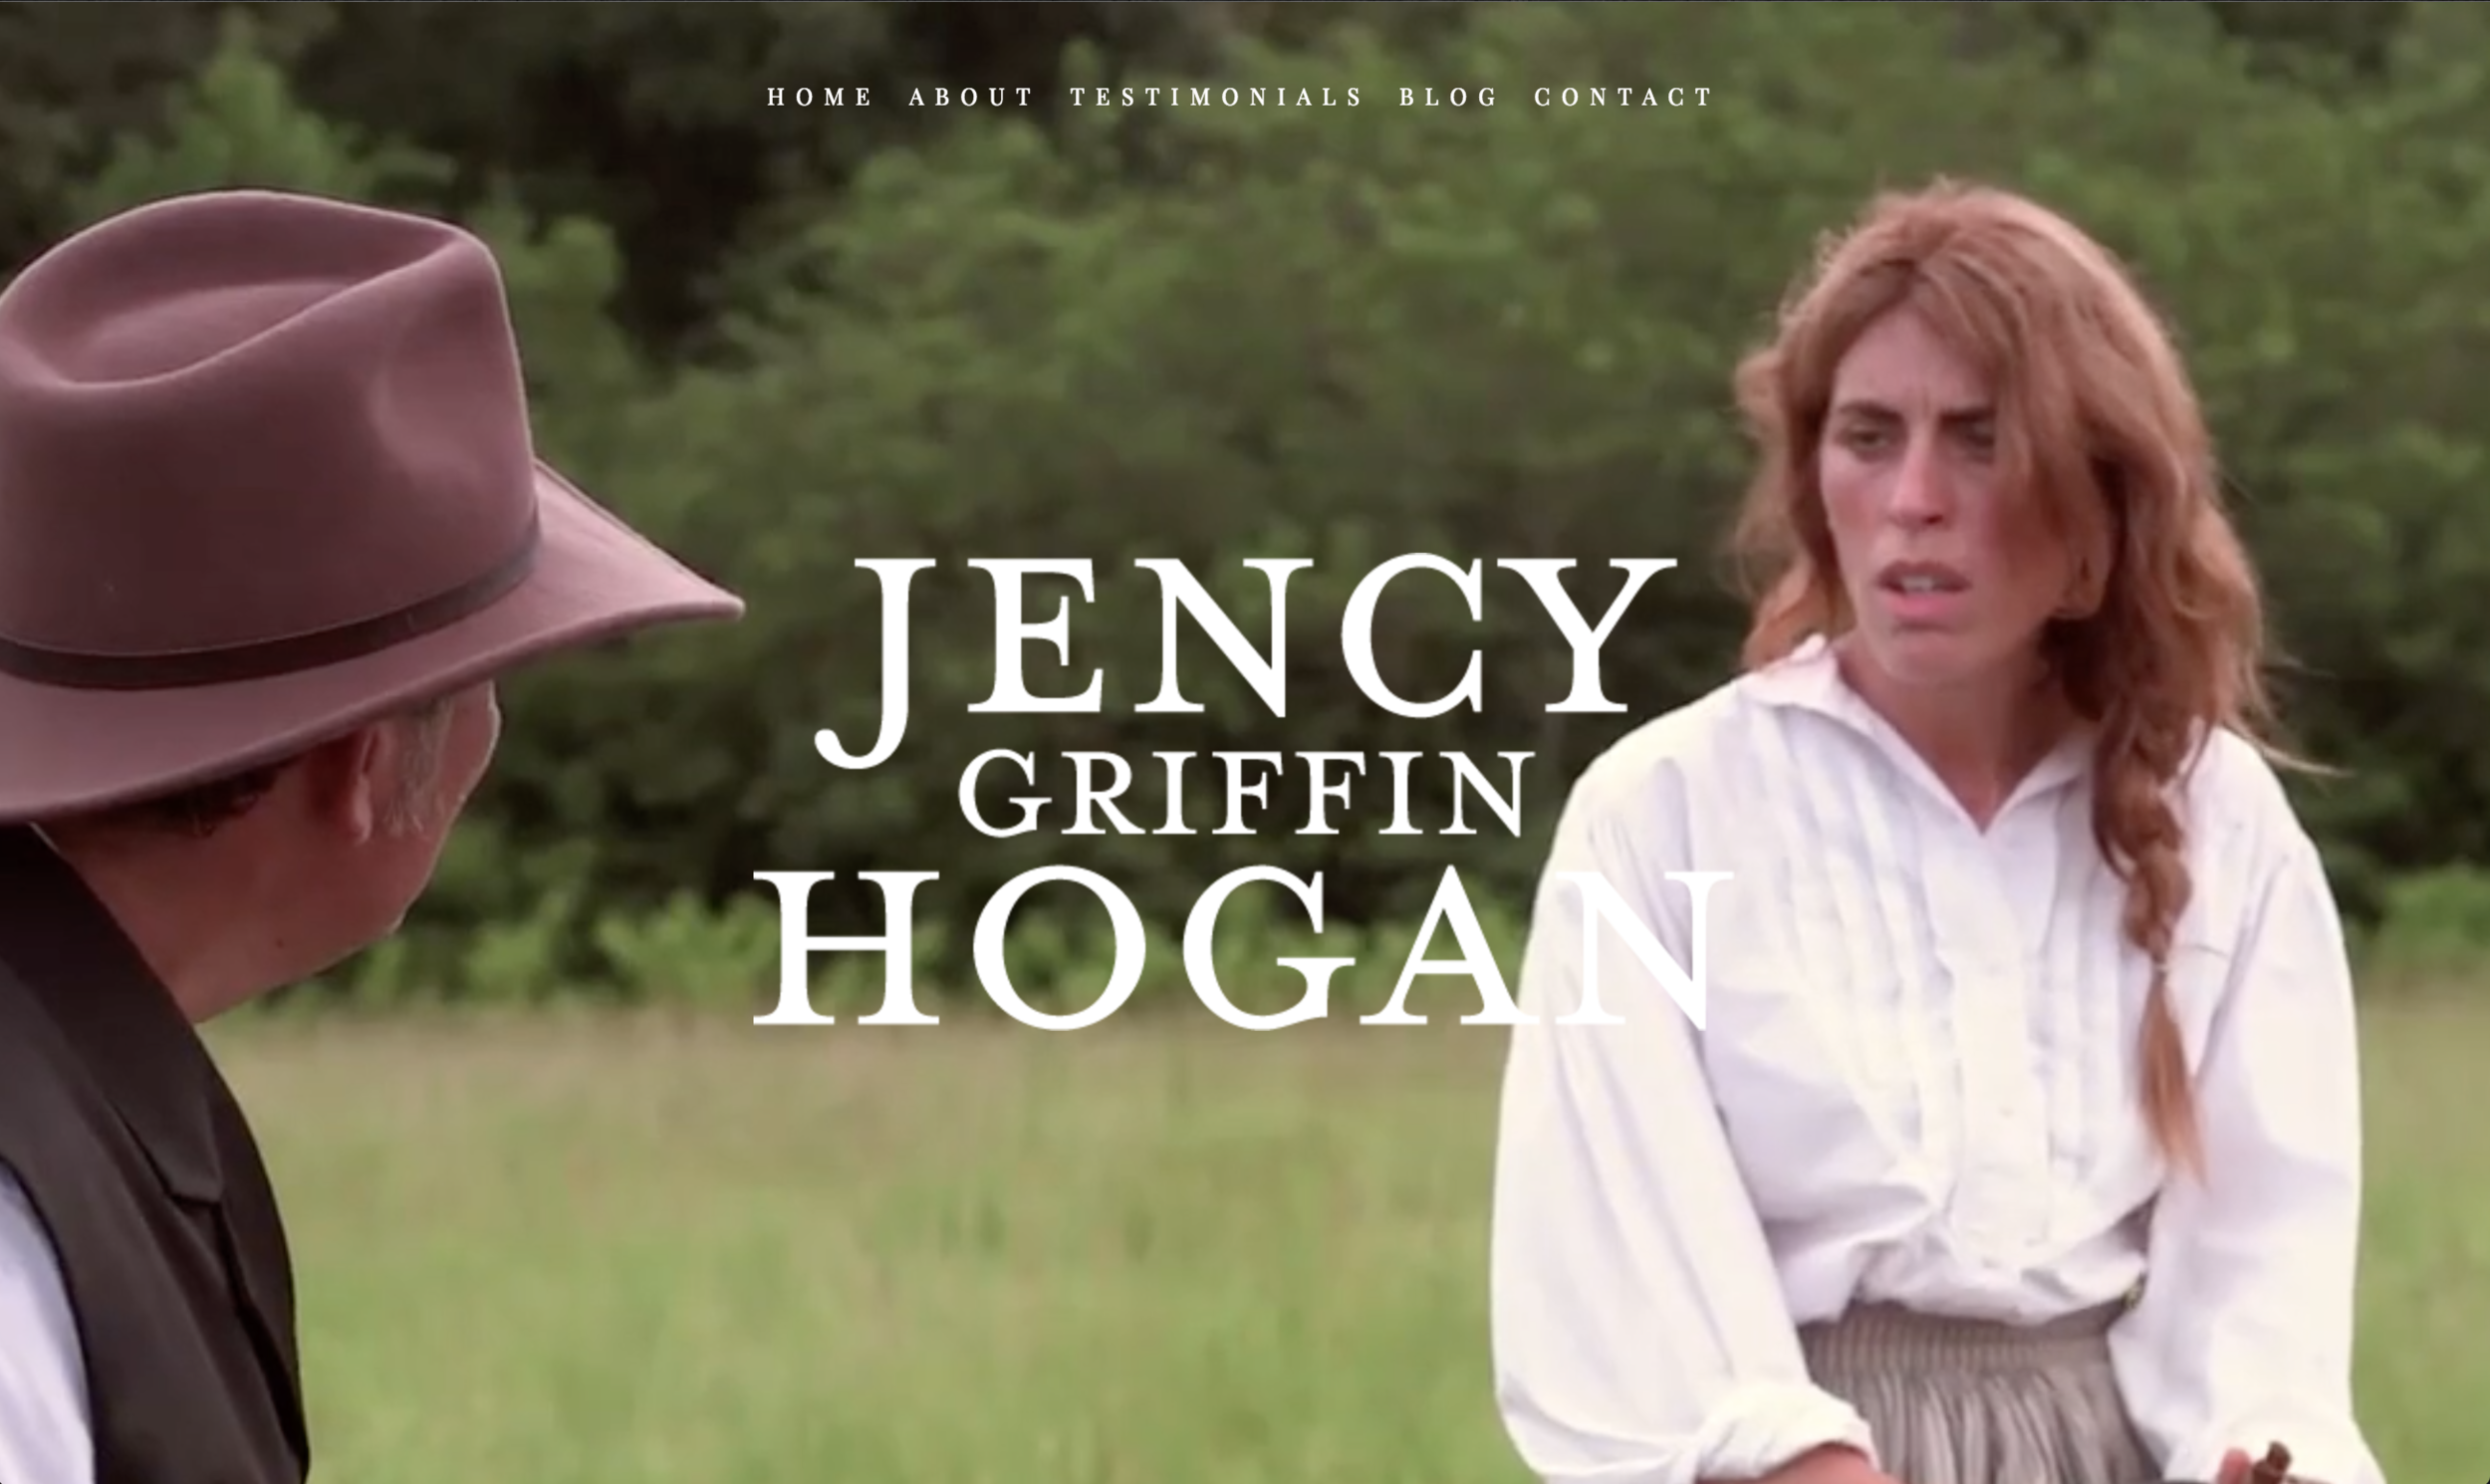 Jency Griffin Hogan Website